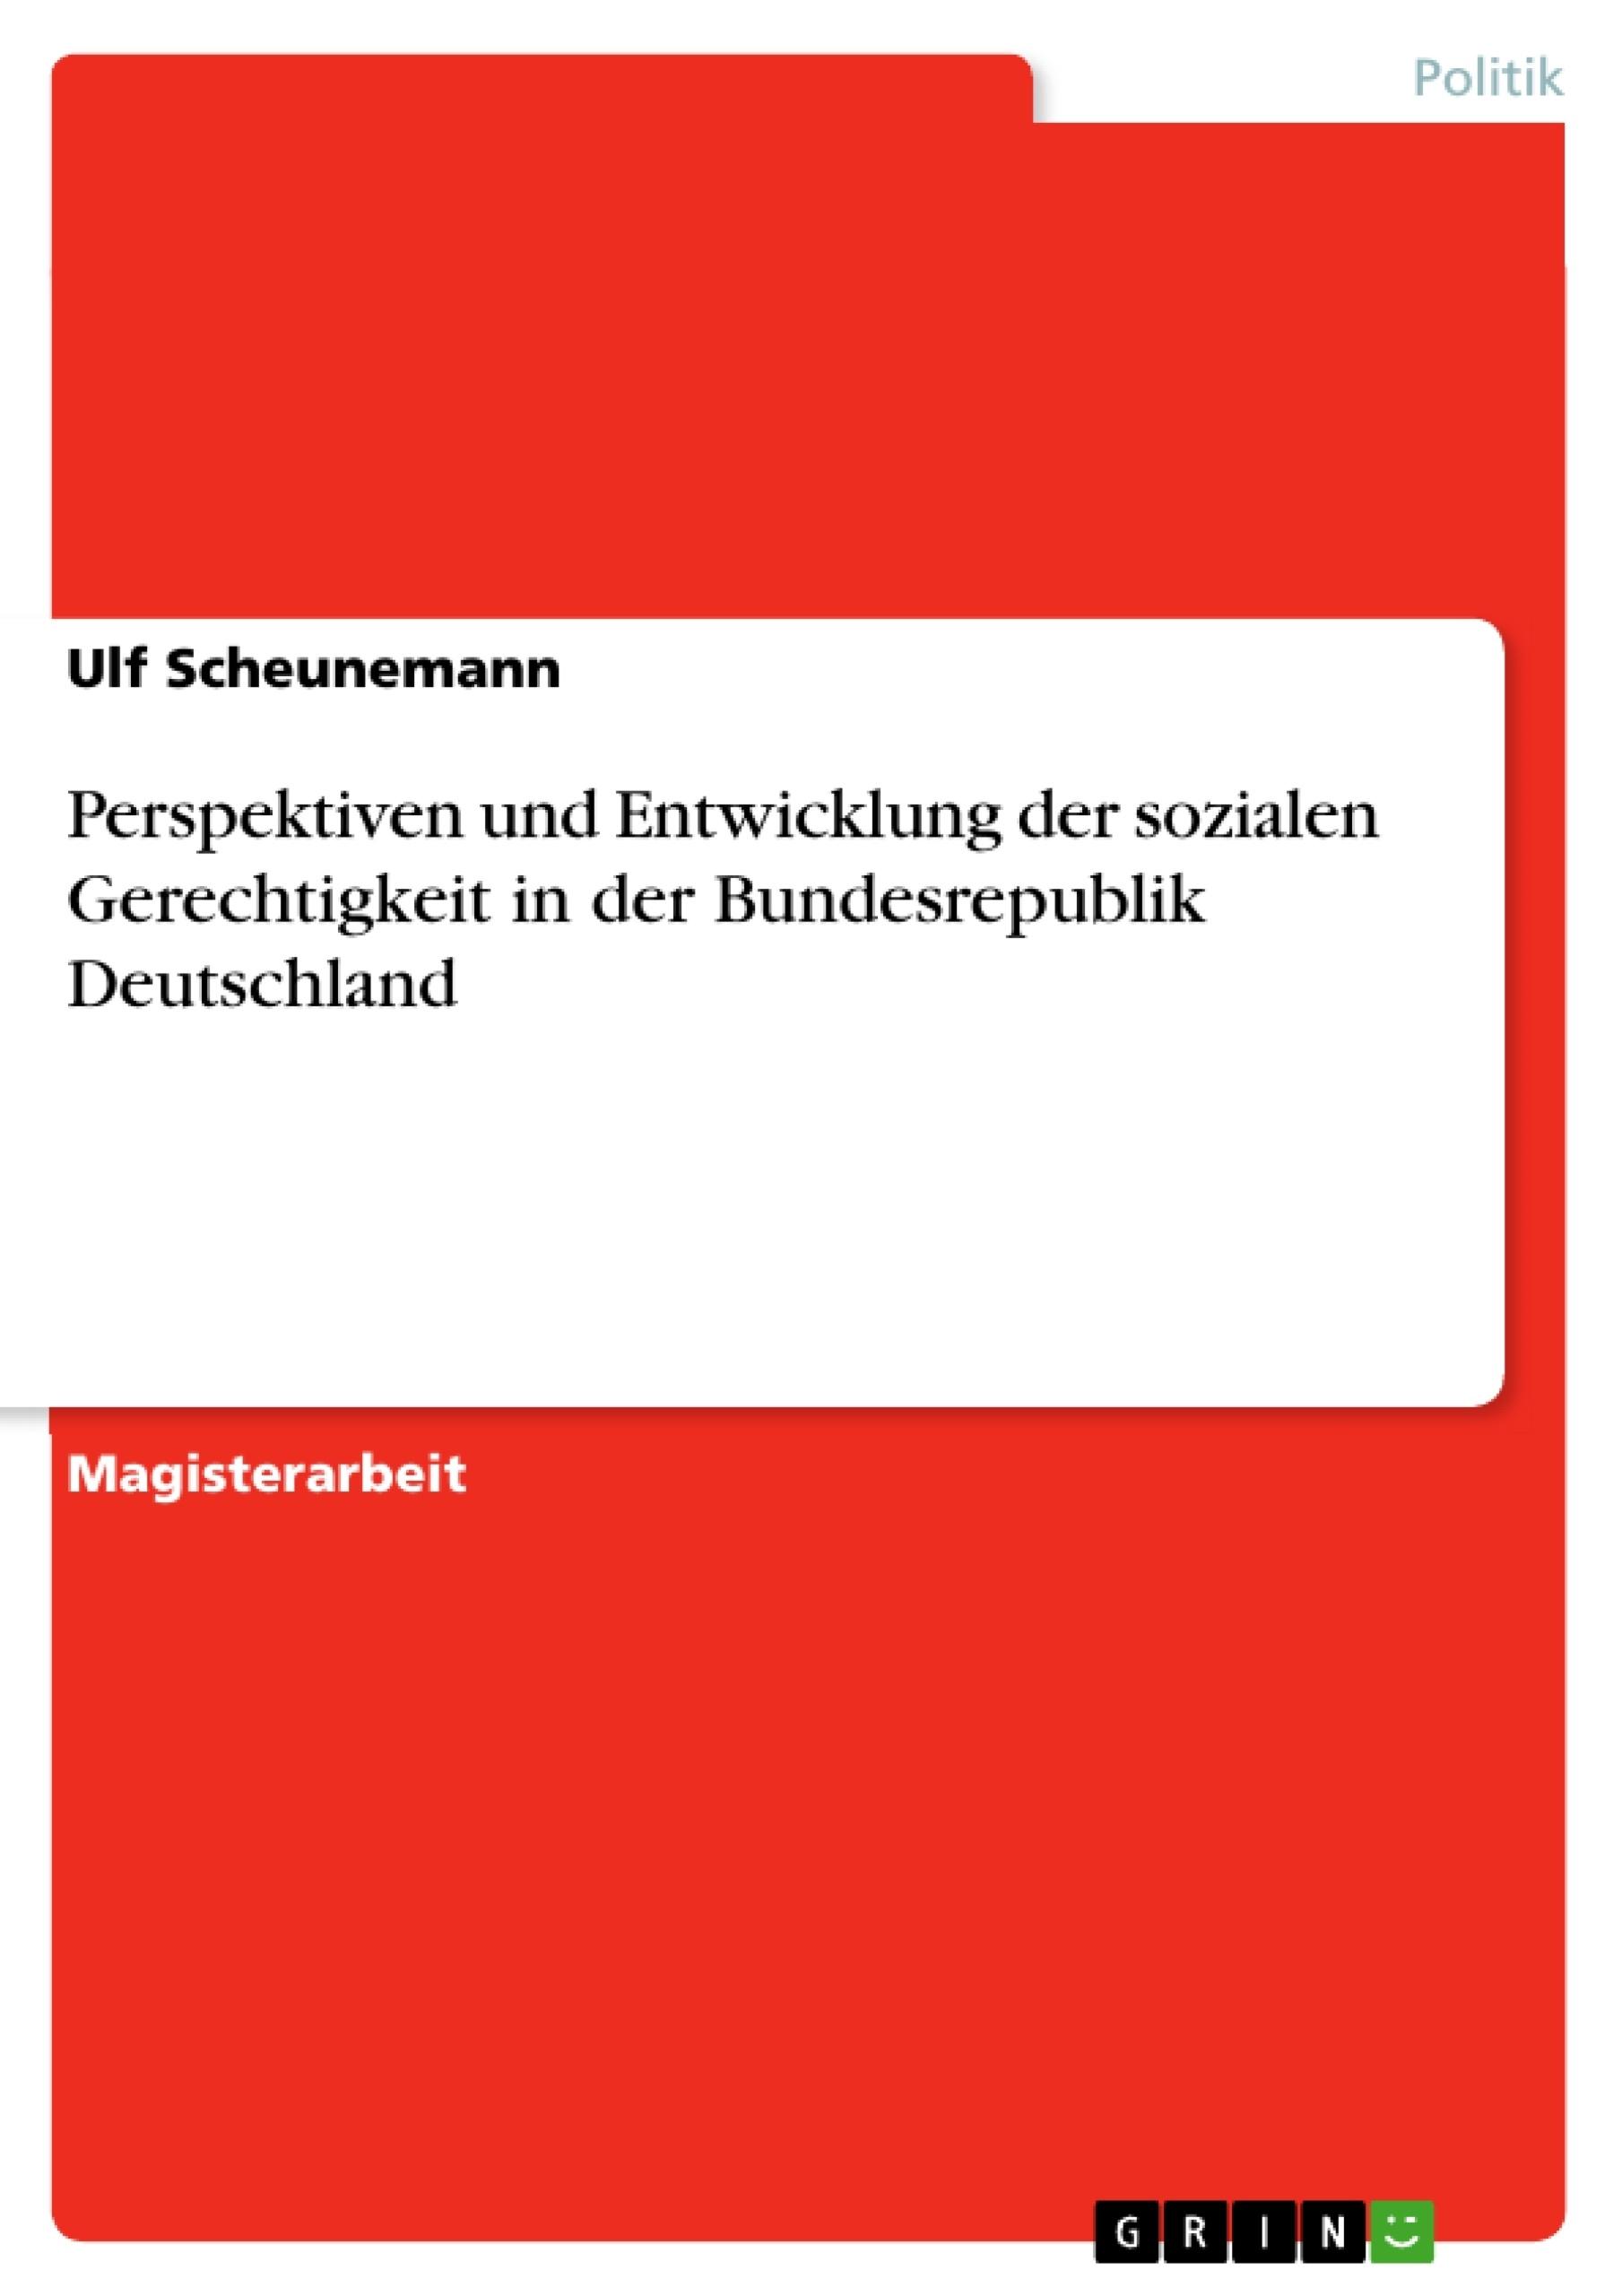 Titel: Perspektiven und Entwicklung der sozialen Gerechtigkeit in der Bundesrepublik Deutschland